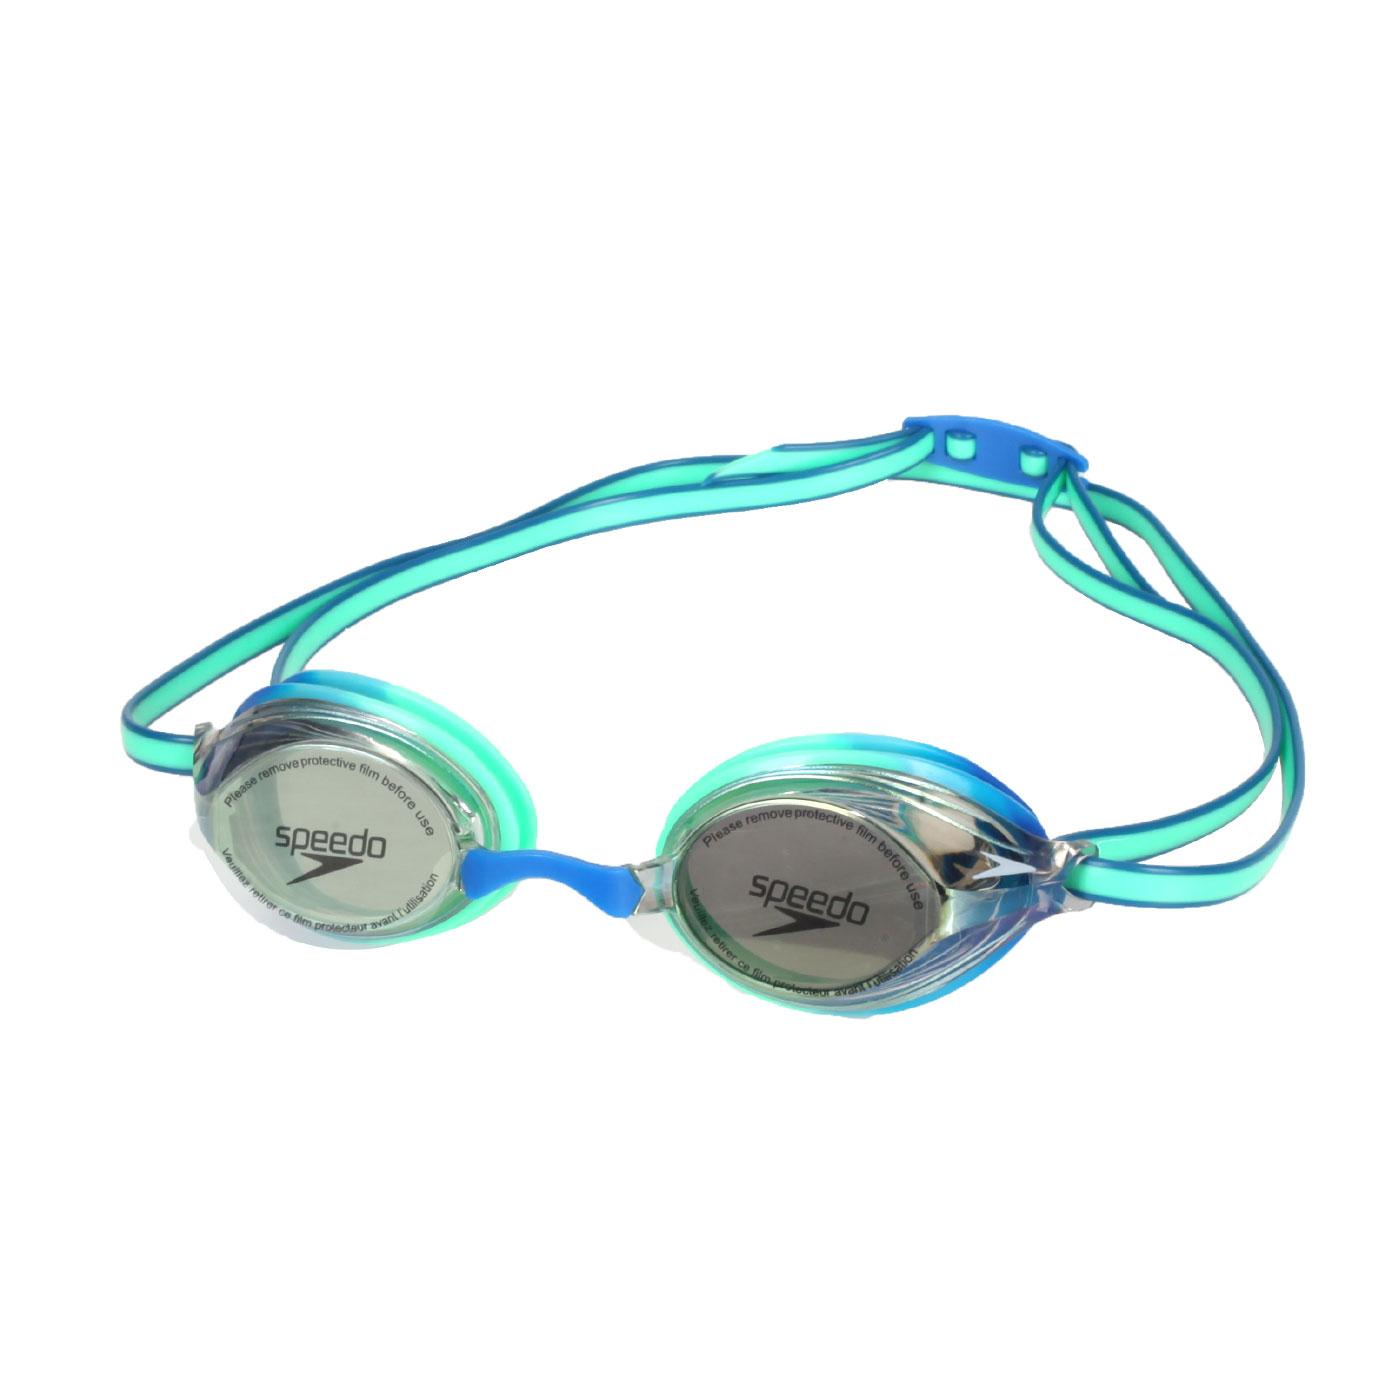 SPEEDO 兒童競技泳鏡 SD811325D651 - 綠藍